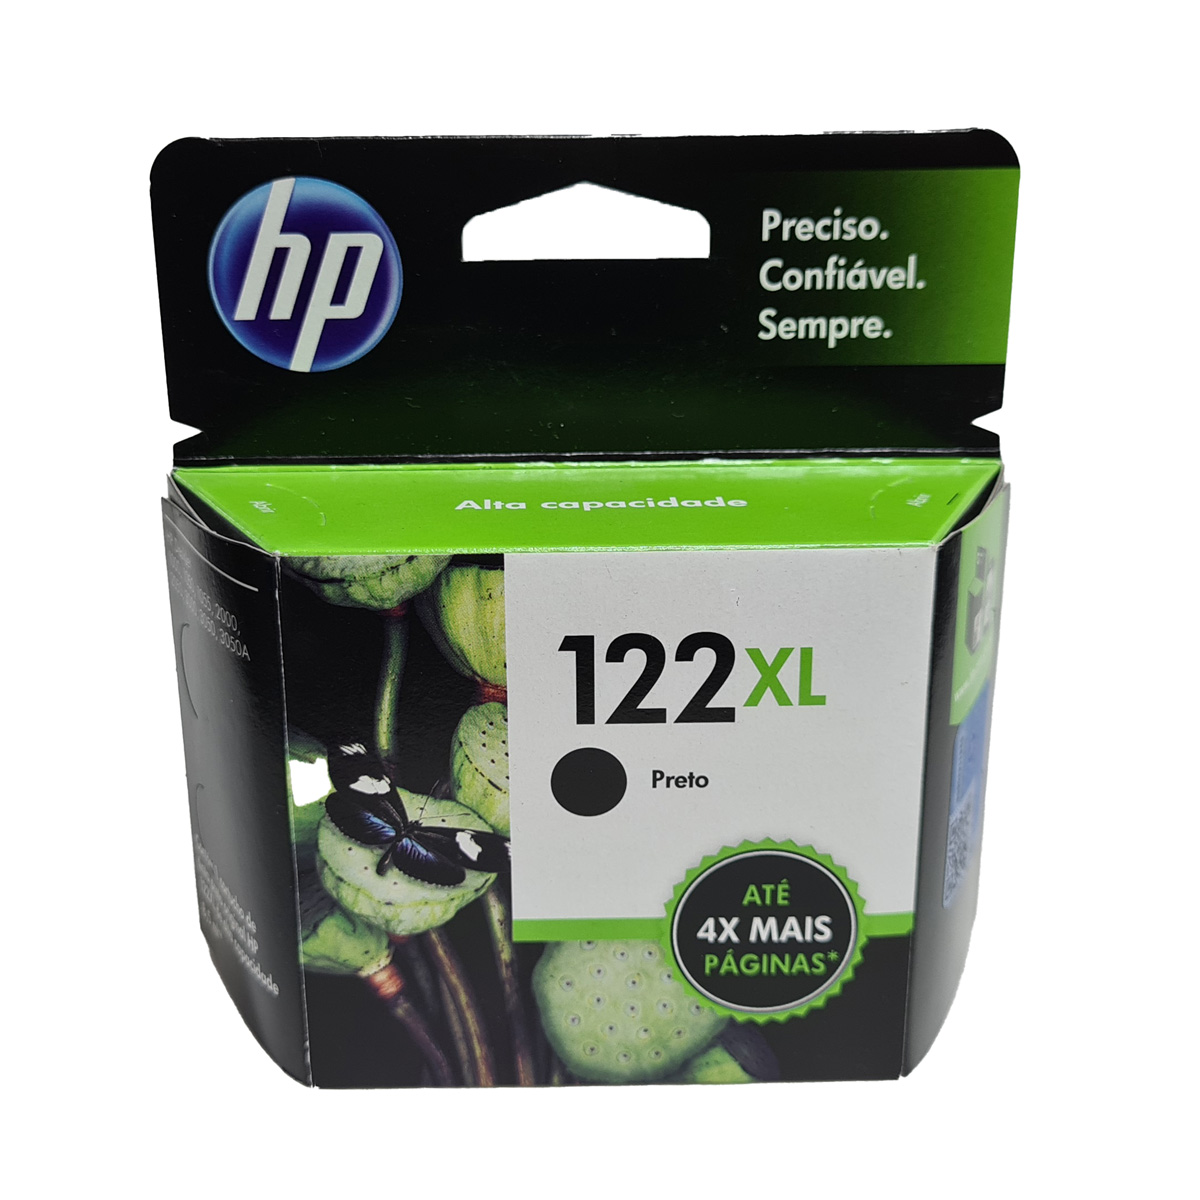 Cartucho HP 122XL Preto CH563HB para D1000 D2050 D3050 2050 Alta Capacidade